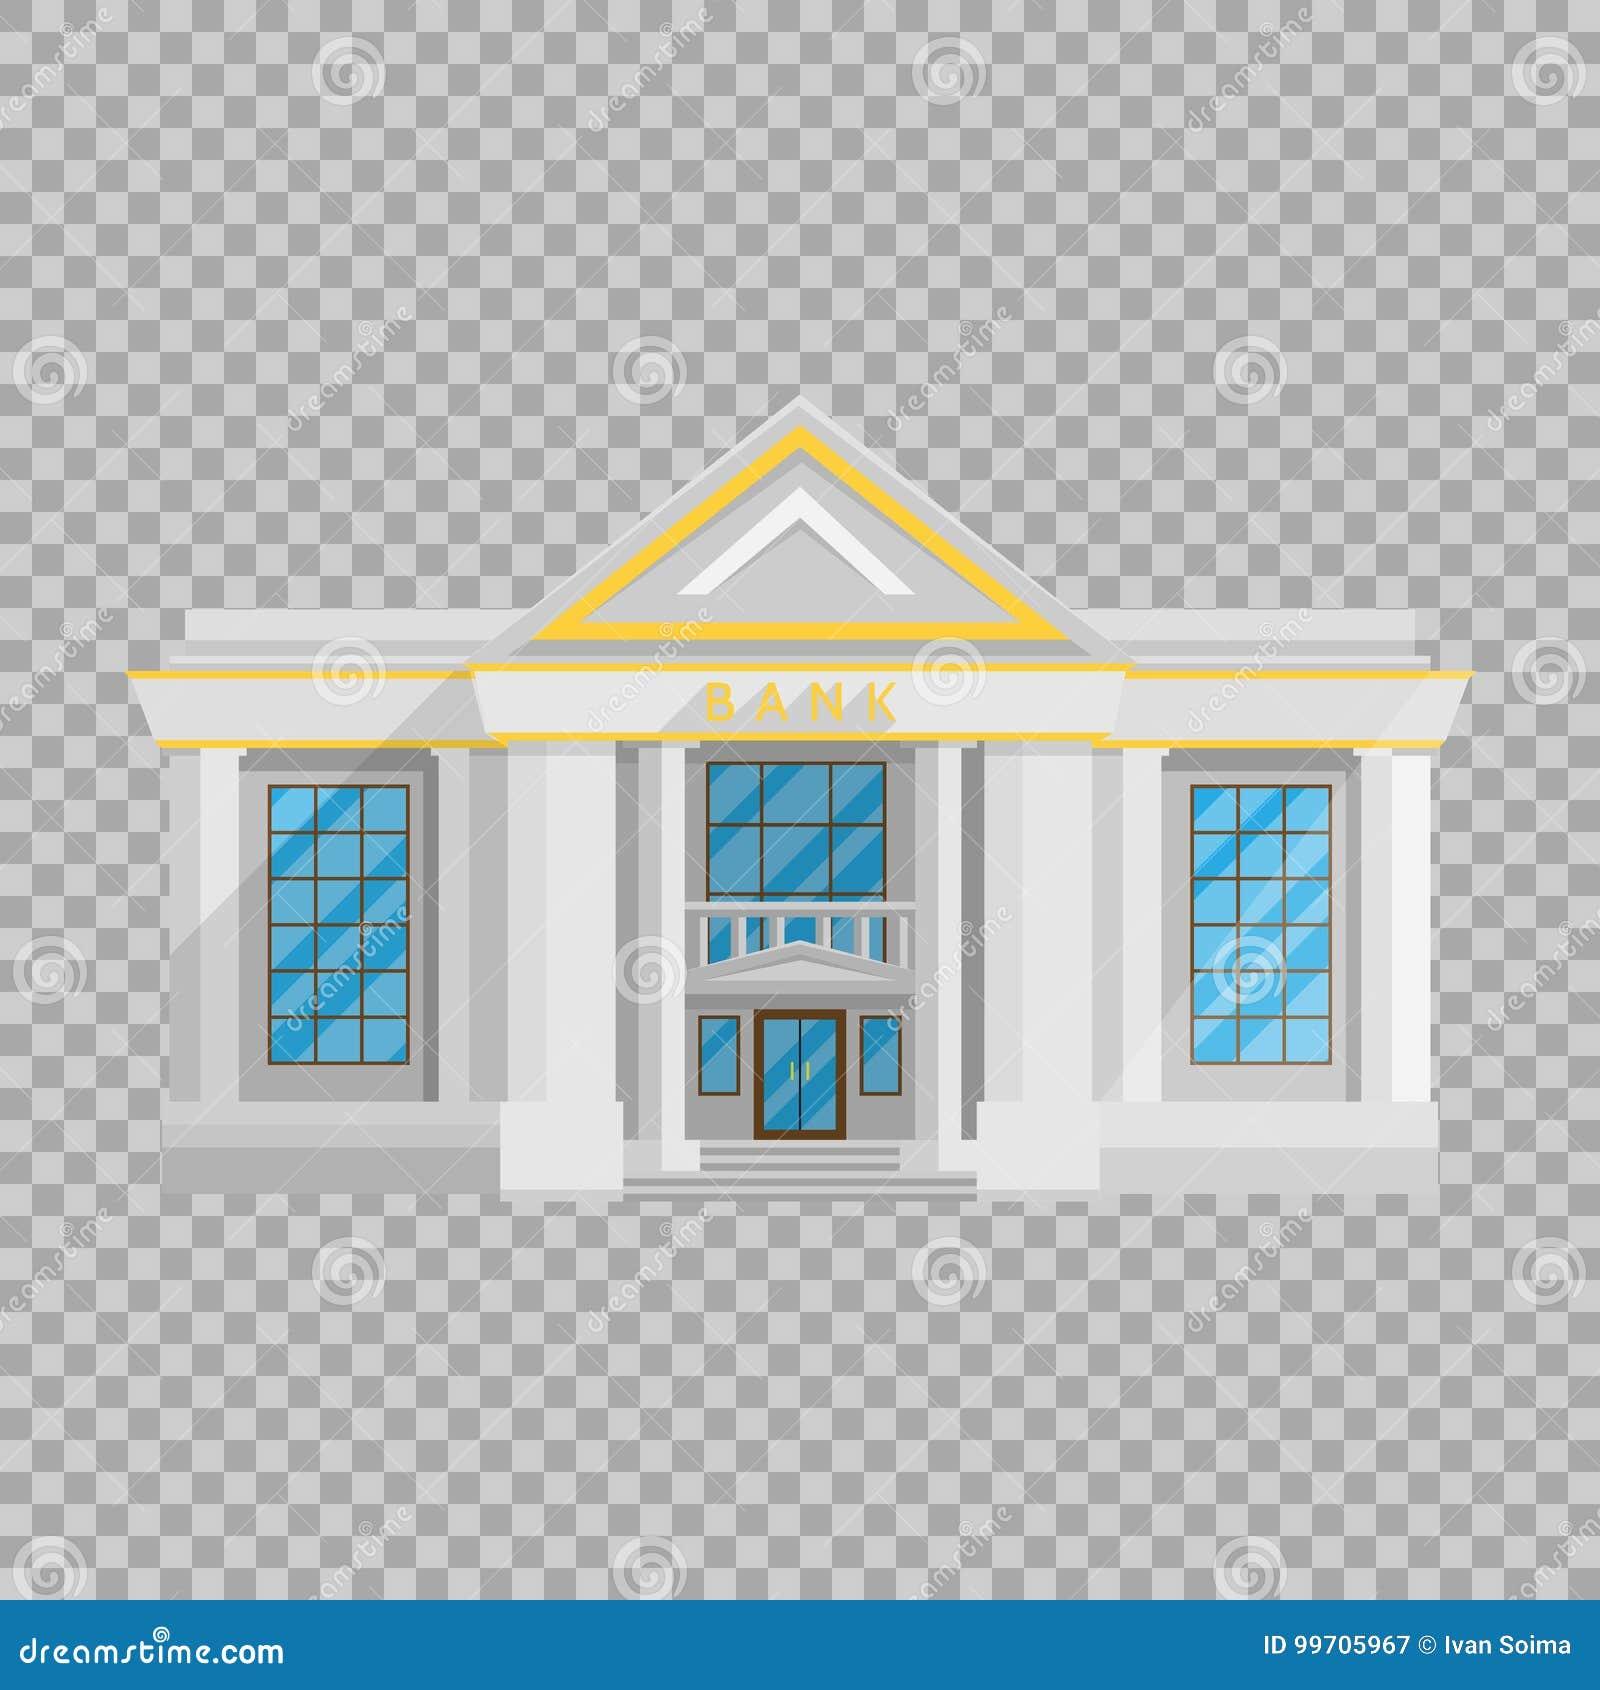 Bankgebäude flach in der Art auf einer transparenten Hintergrundvektorillustration Die Institution, die Geld hält